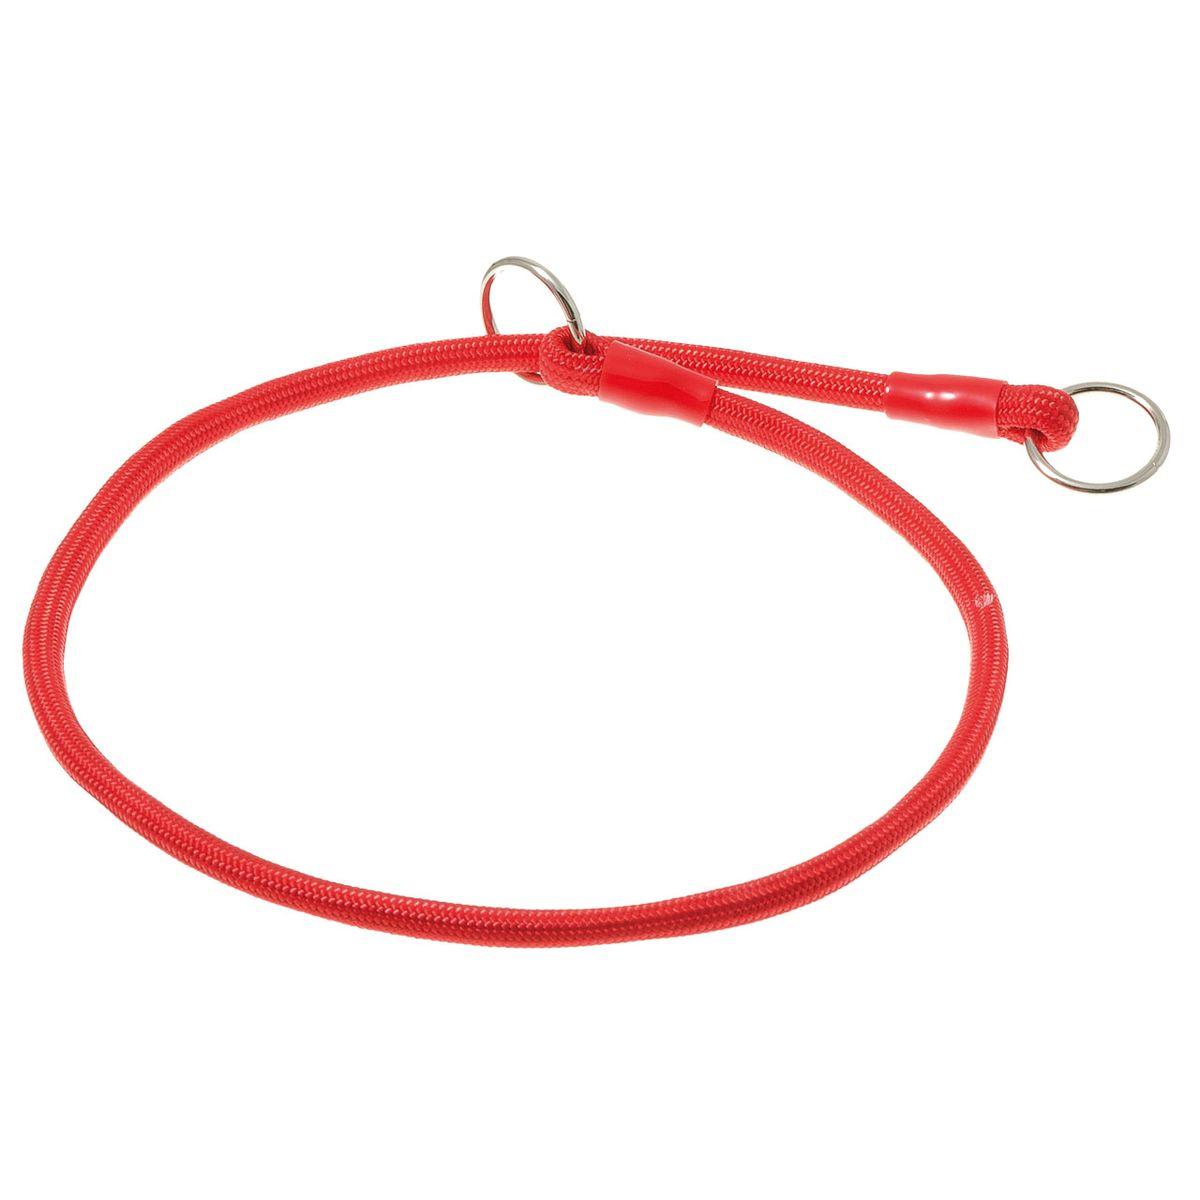 Ошейник-удавка с 2-я кольцами круглый 6мм*50см (красный)76-2224